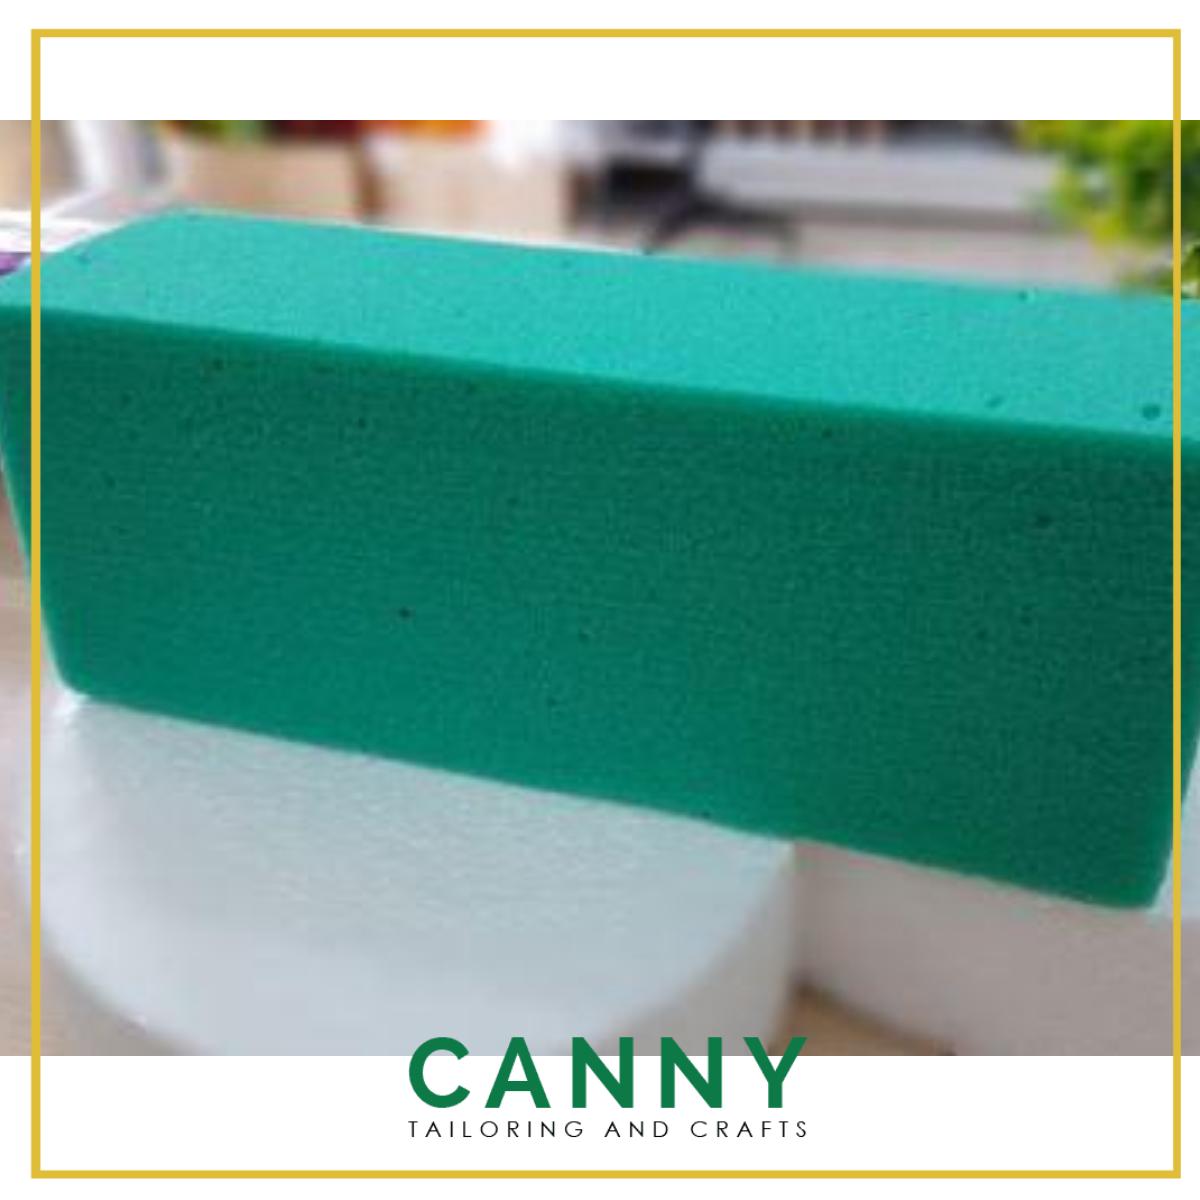 Span Bunga Kering Borong 1 Kotak 110pcs / Flora Dry Sponge Foam Hard Quality 110pcs 1 Box